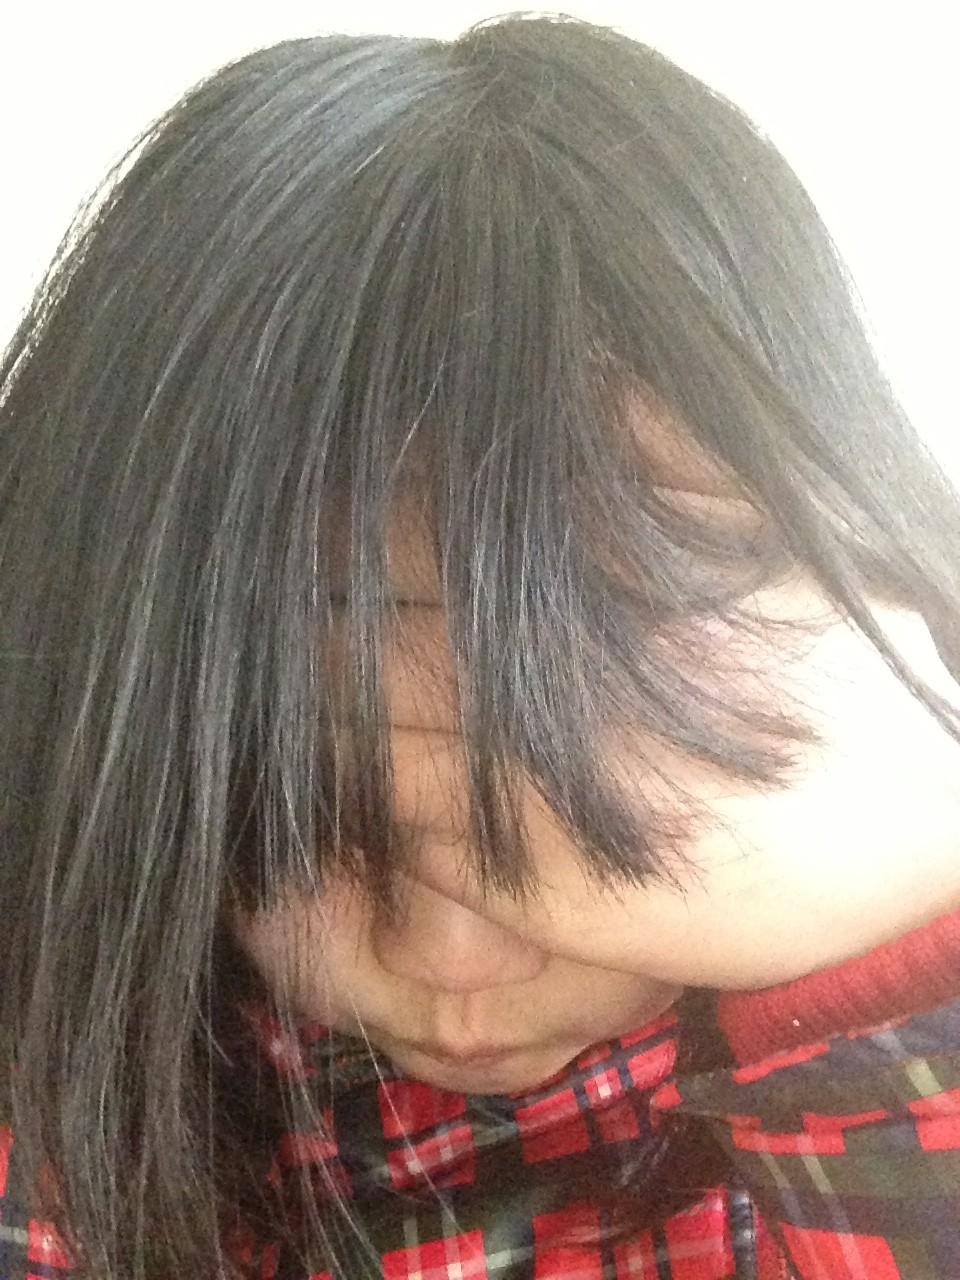 【羽络】新年鲍照福利:素颜无马赛克无遮挡无美图家居